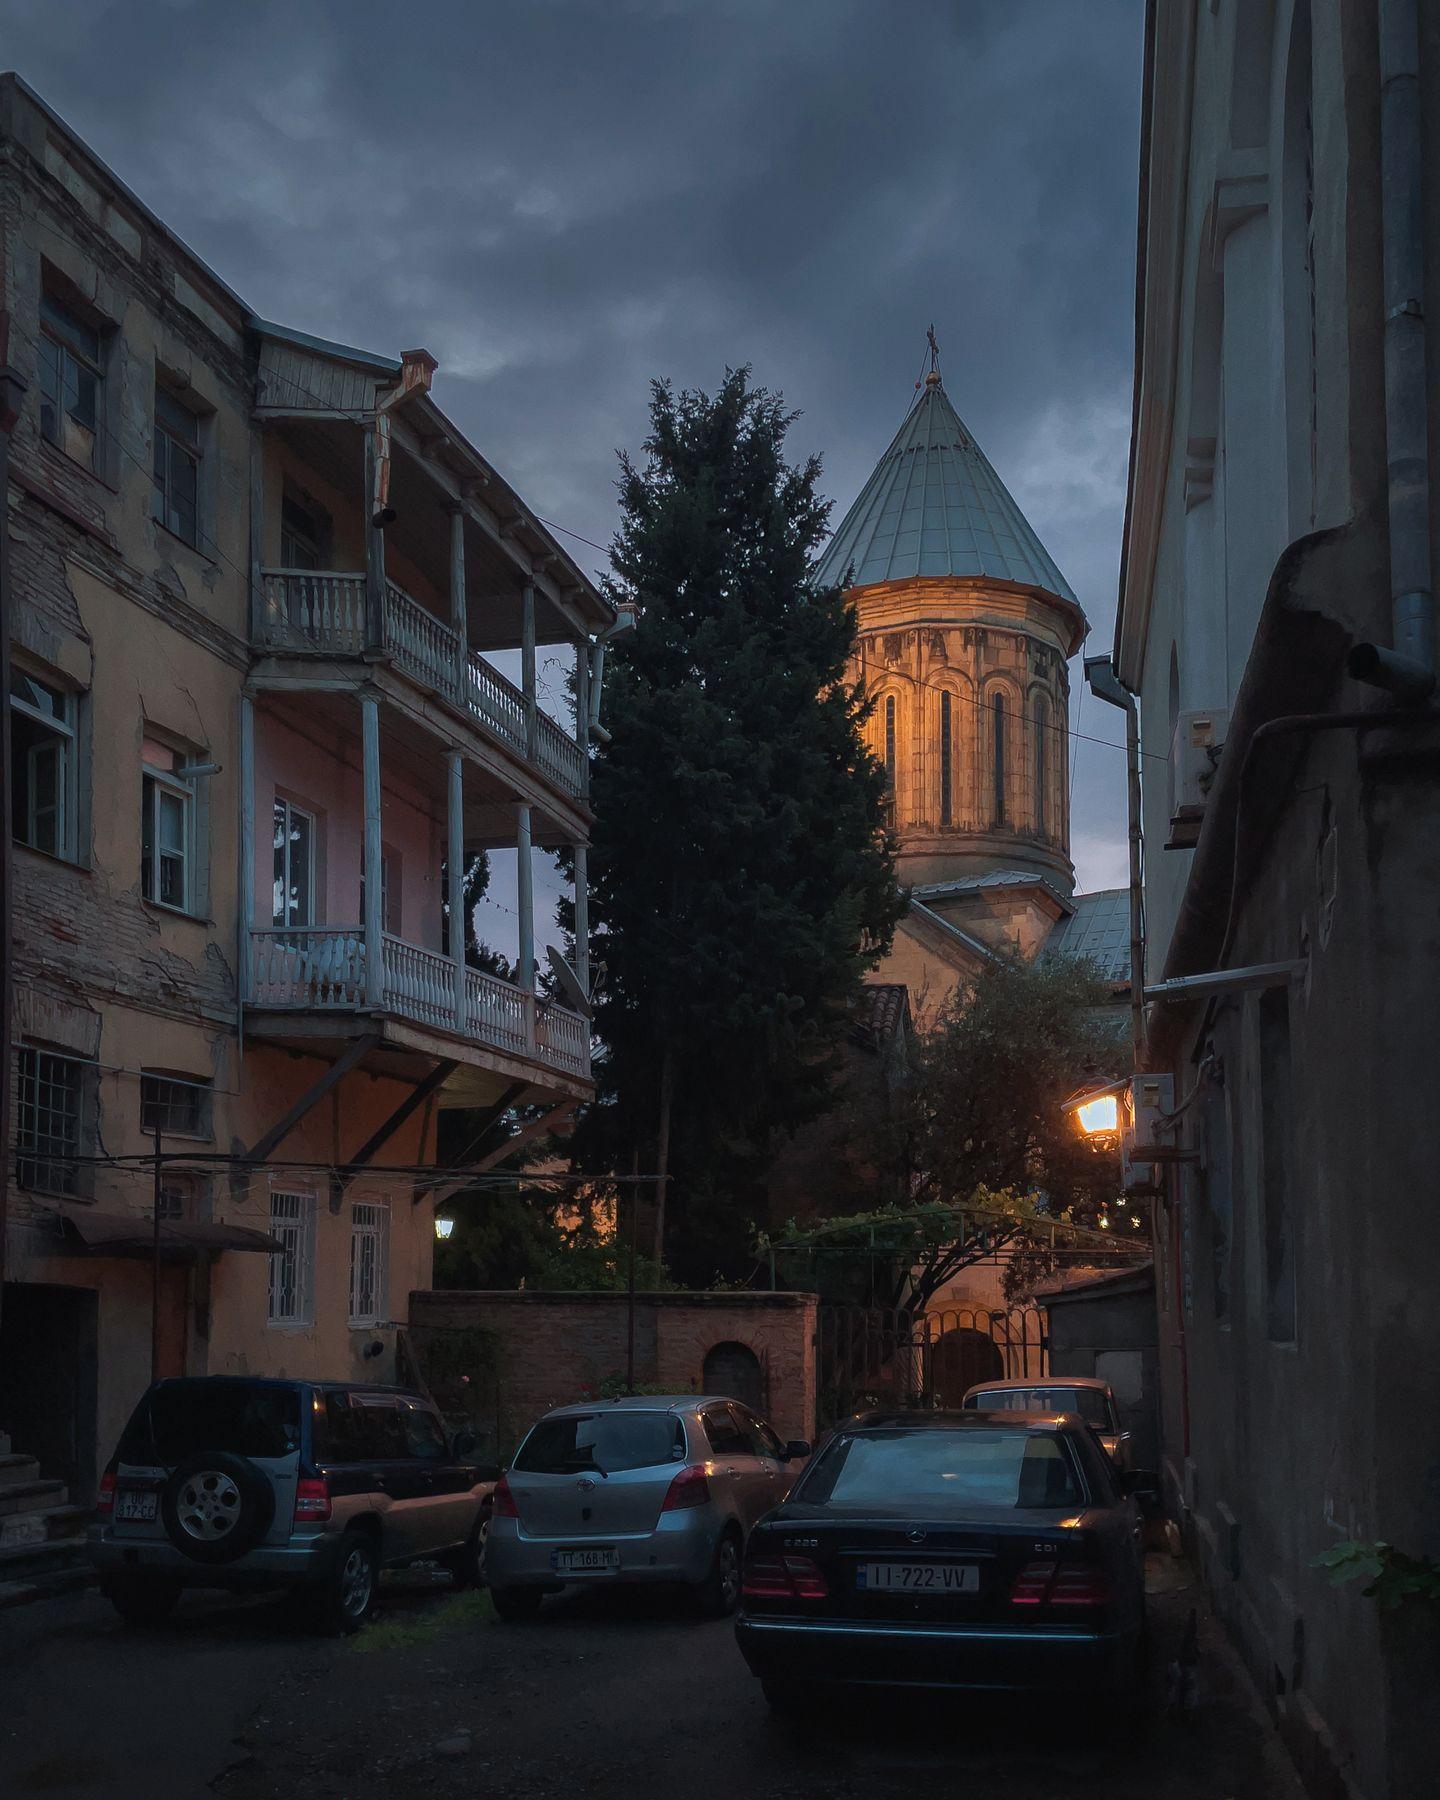 Окна во двор Тбилиси Грузия путешествие архитектура город городской пейзаж уличная фотография iphone 12 pro двор церковь ночь